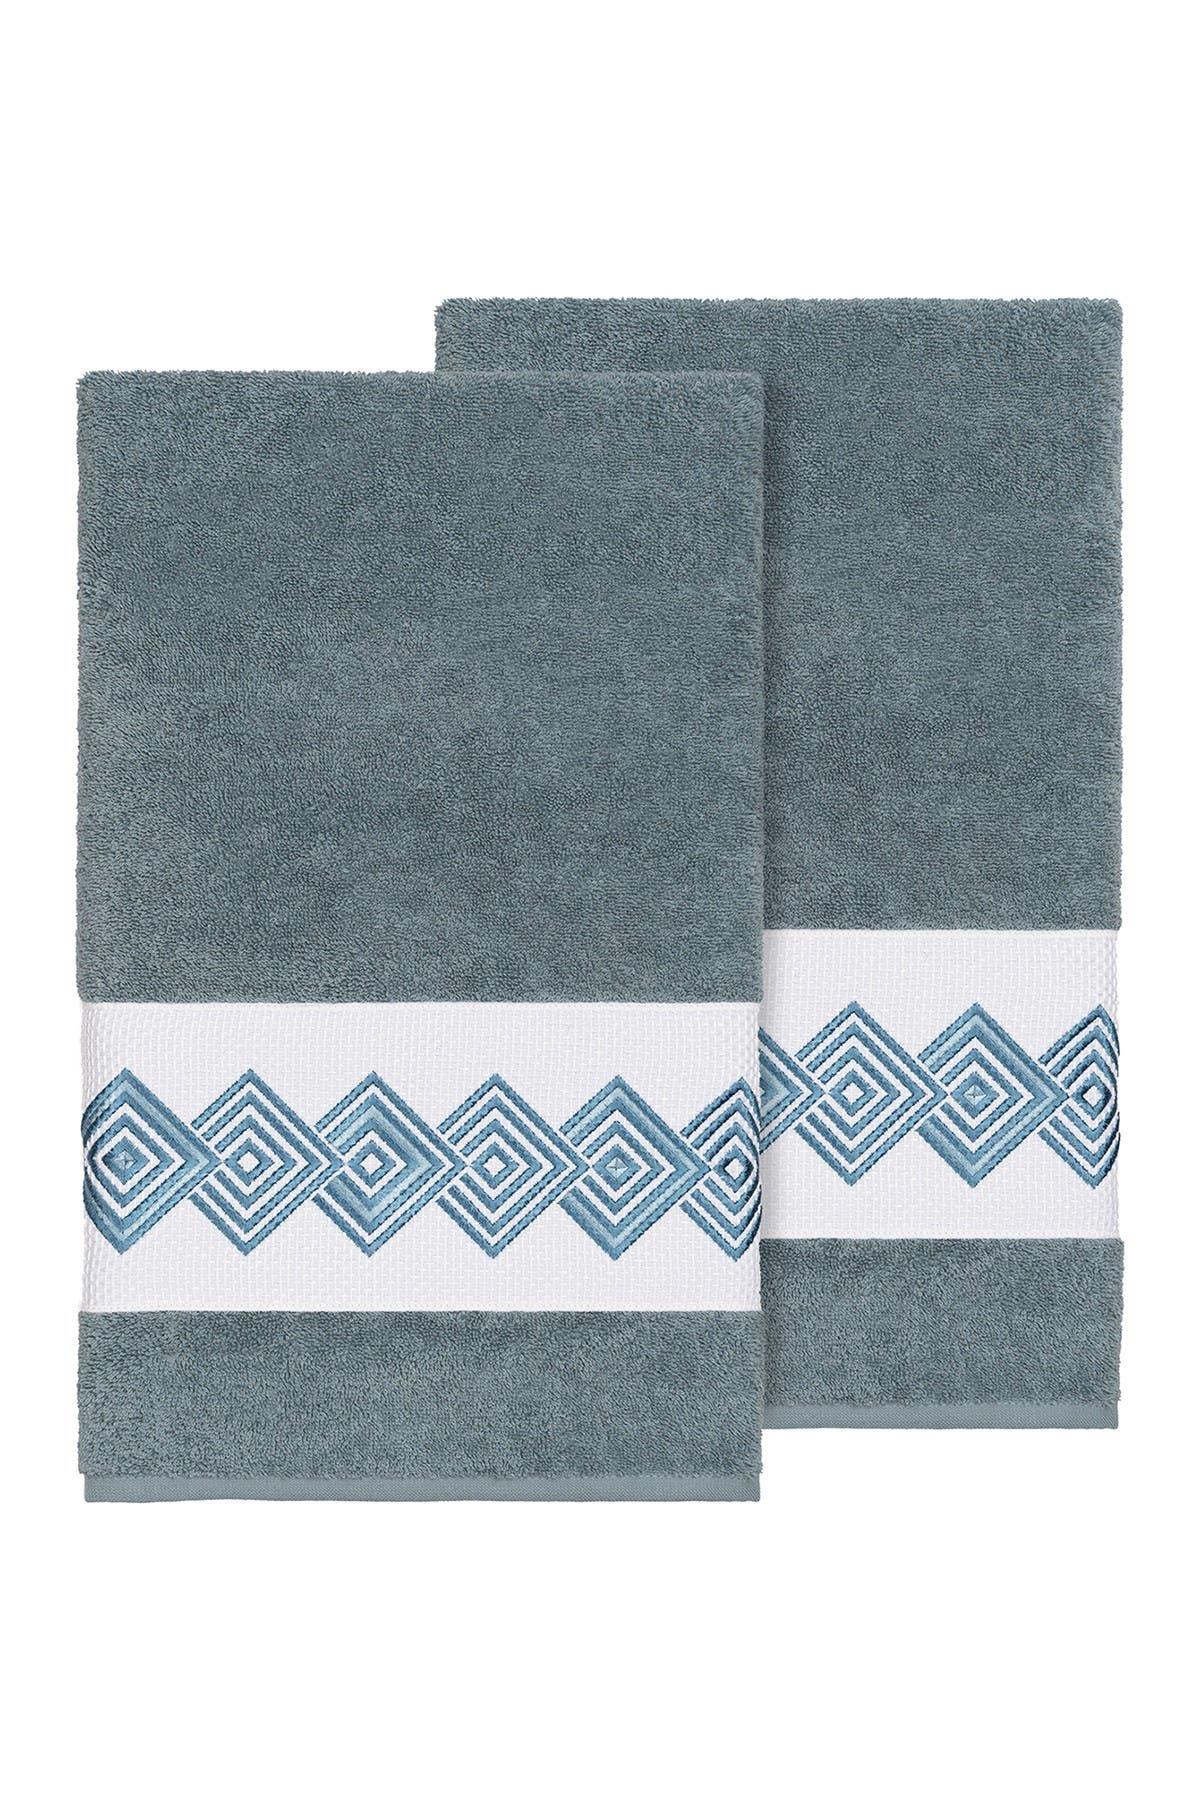 Image of LINUM HOME Noah Embellished Bath Towel - Set of 2 - Teal